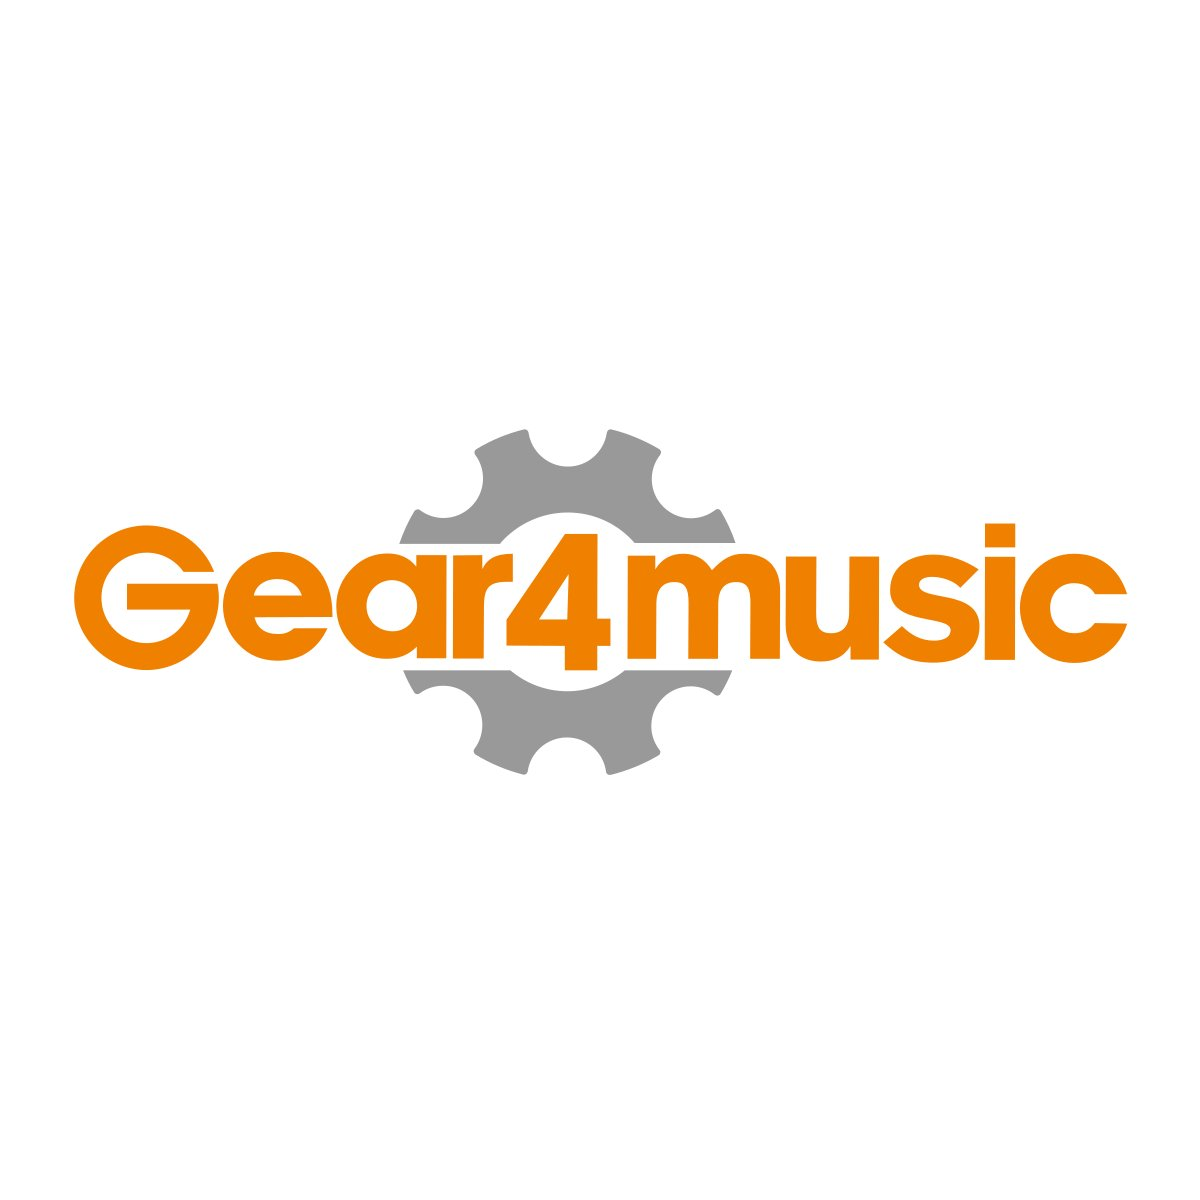 guitare lectrique la 3 4 black pack mini ampli par gear4music. Black Bedroom Furniture Sets. Home Design Ideas